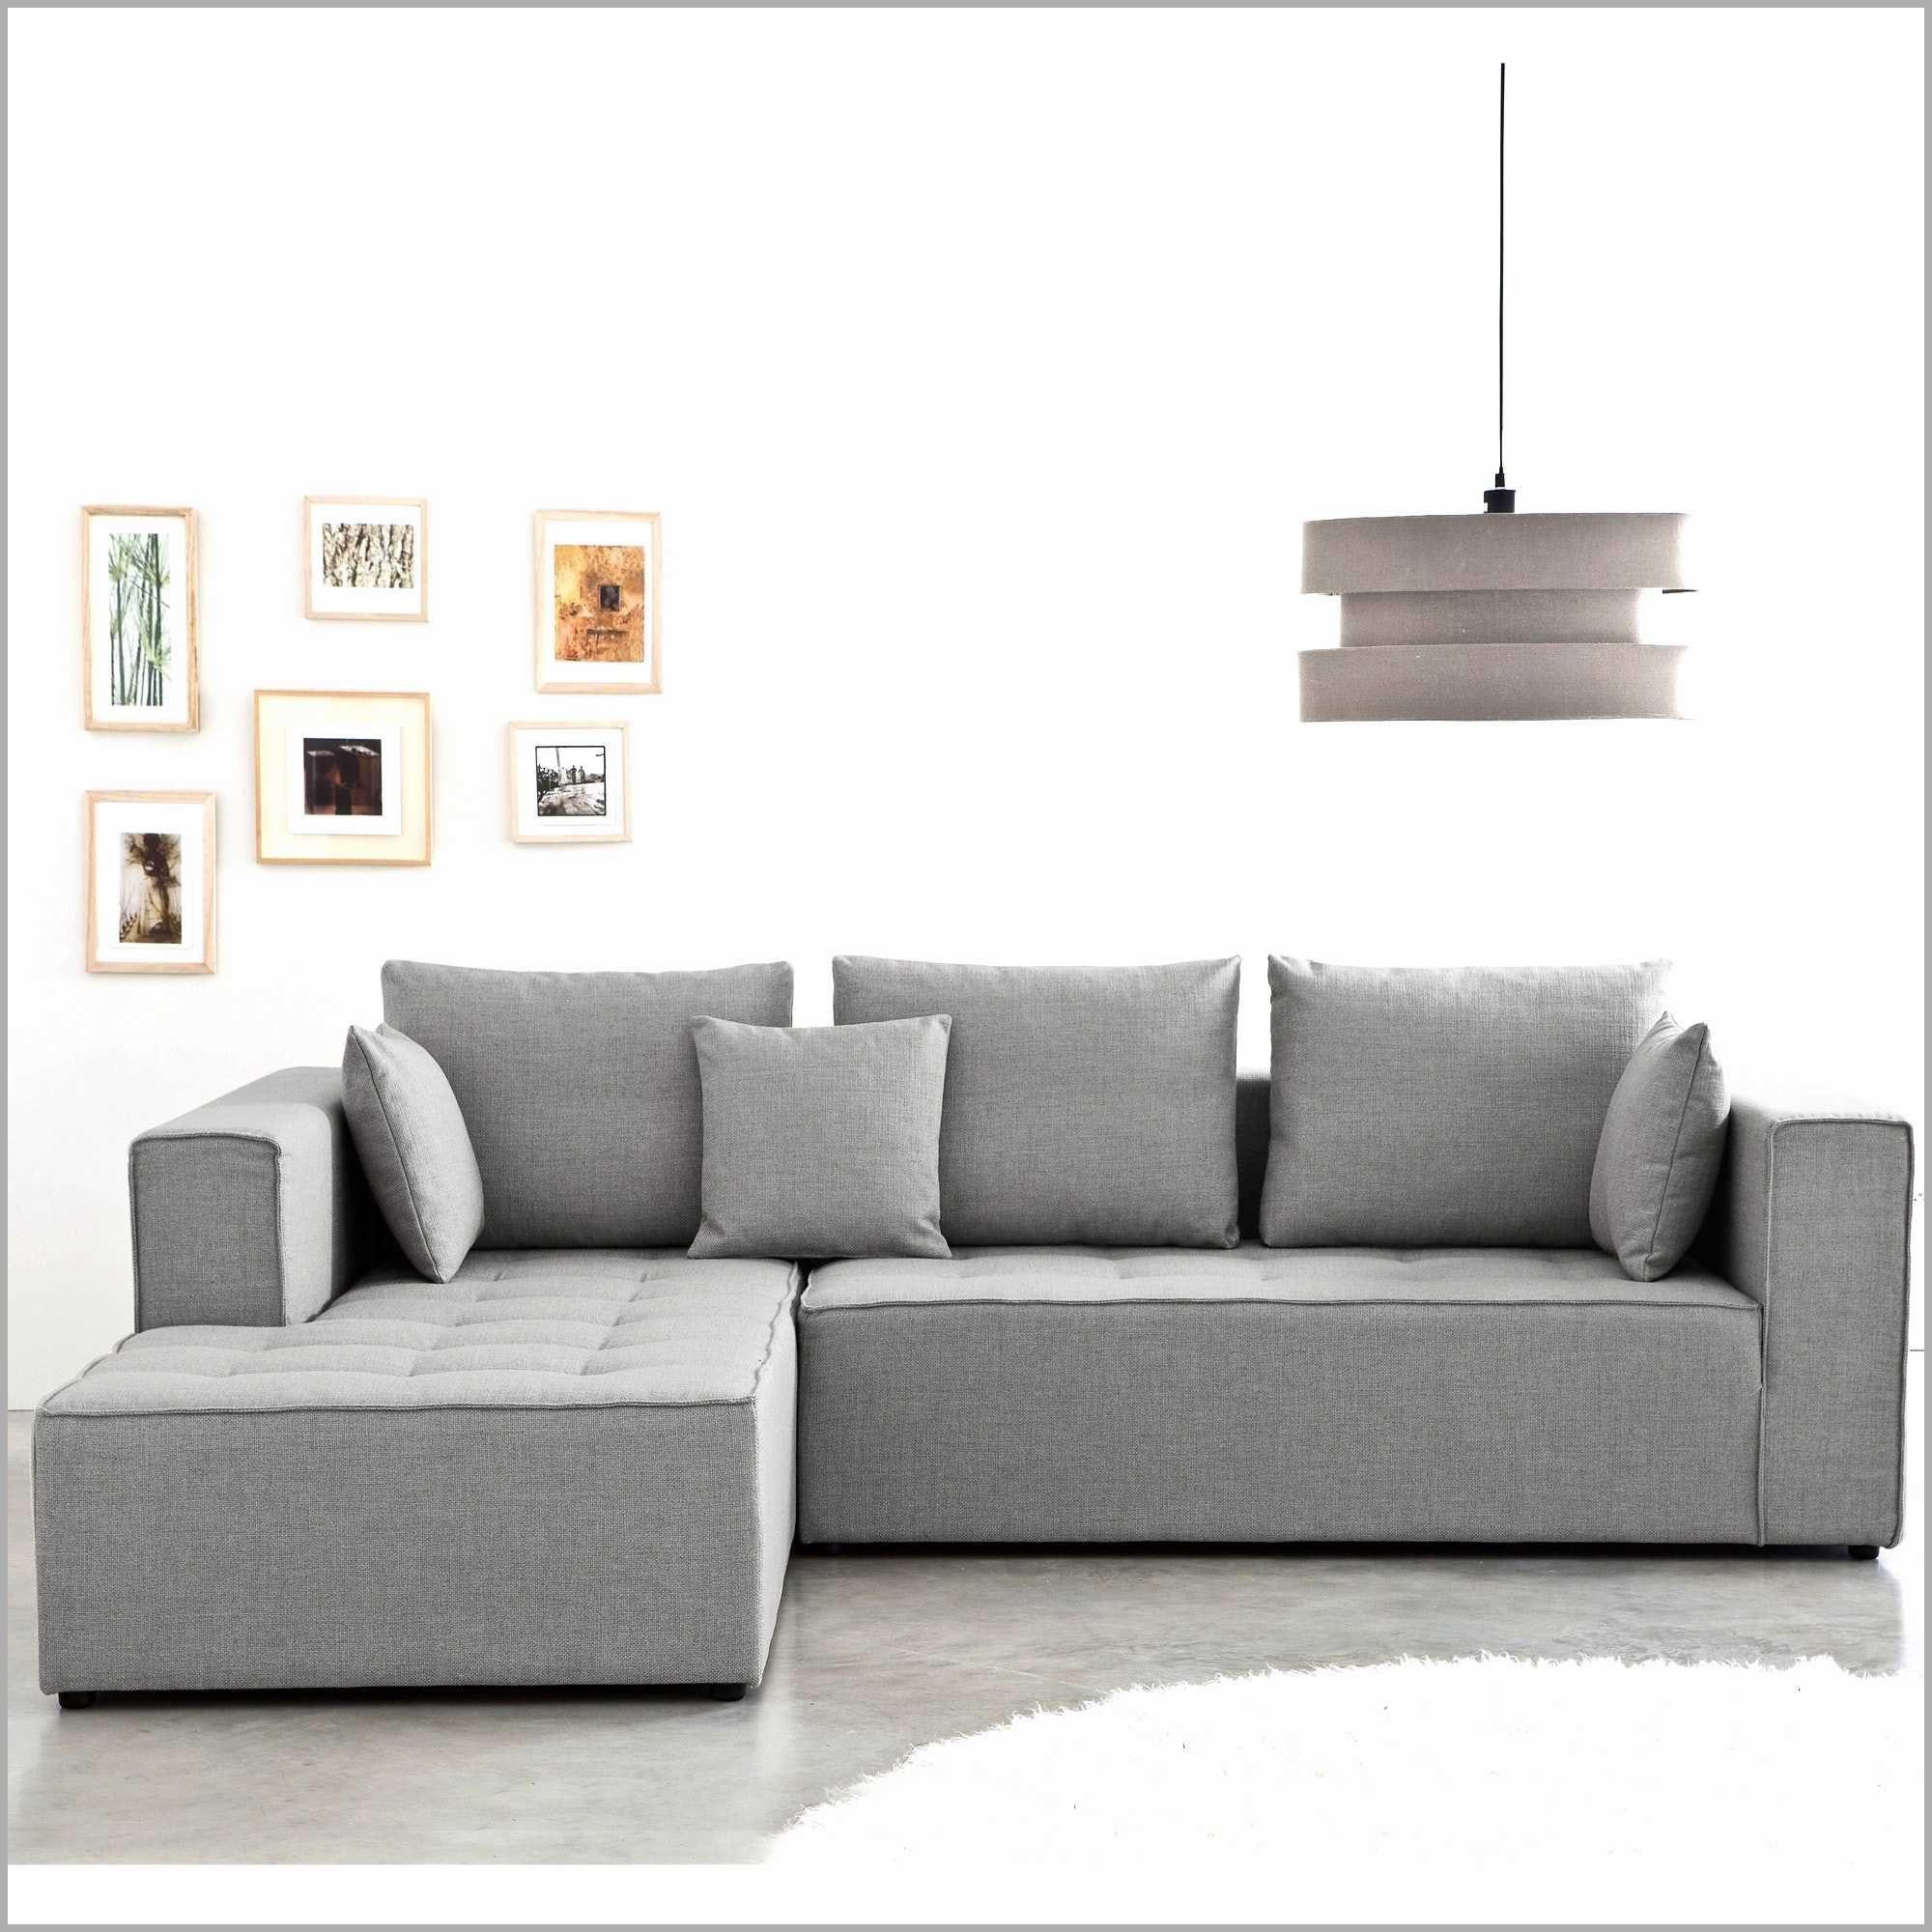 canap lit convertible couchage quotidien l gant nouveau. Black Bedroom Furniture Sets. Home Design Ideas